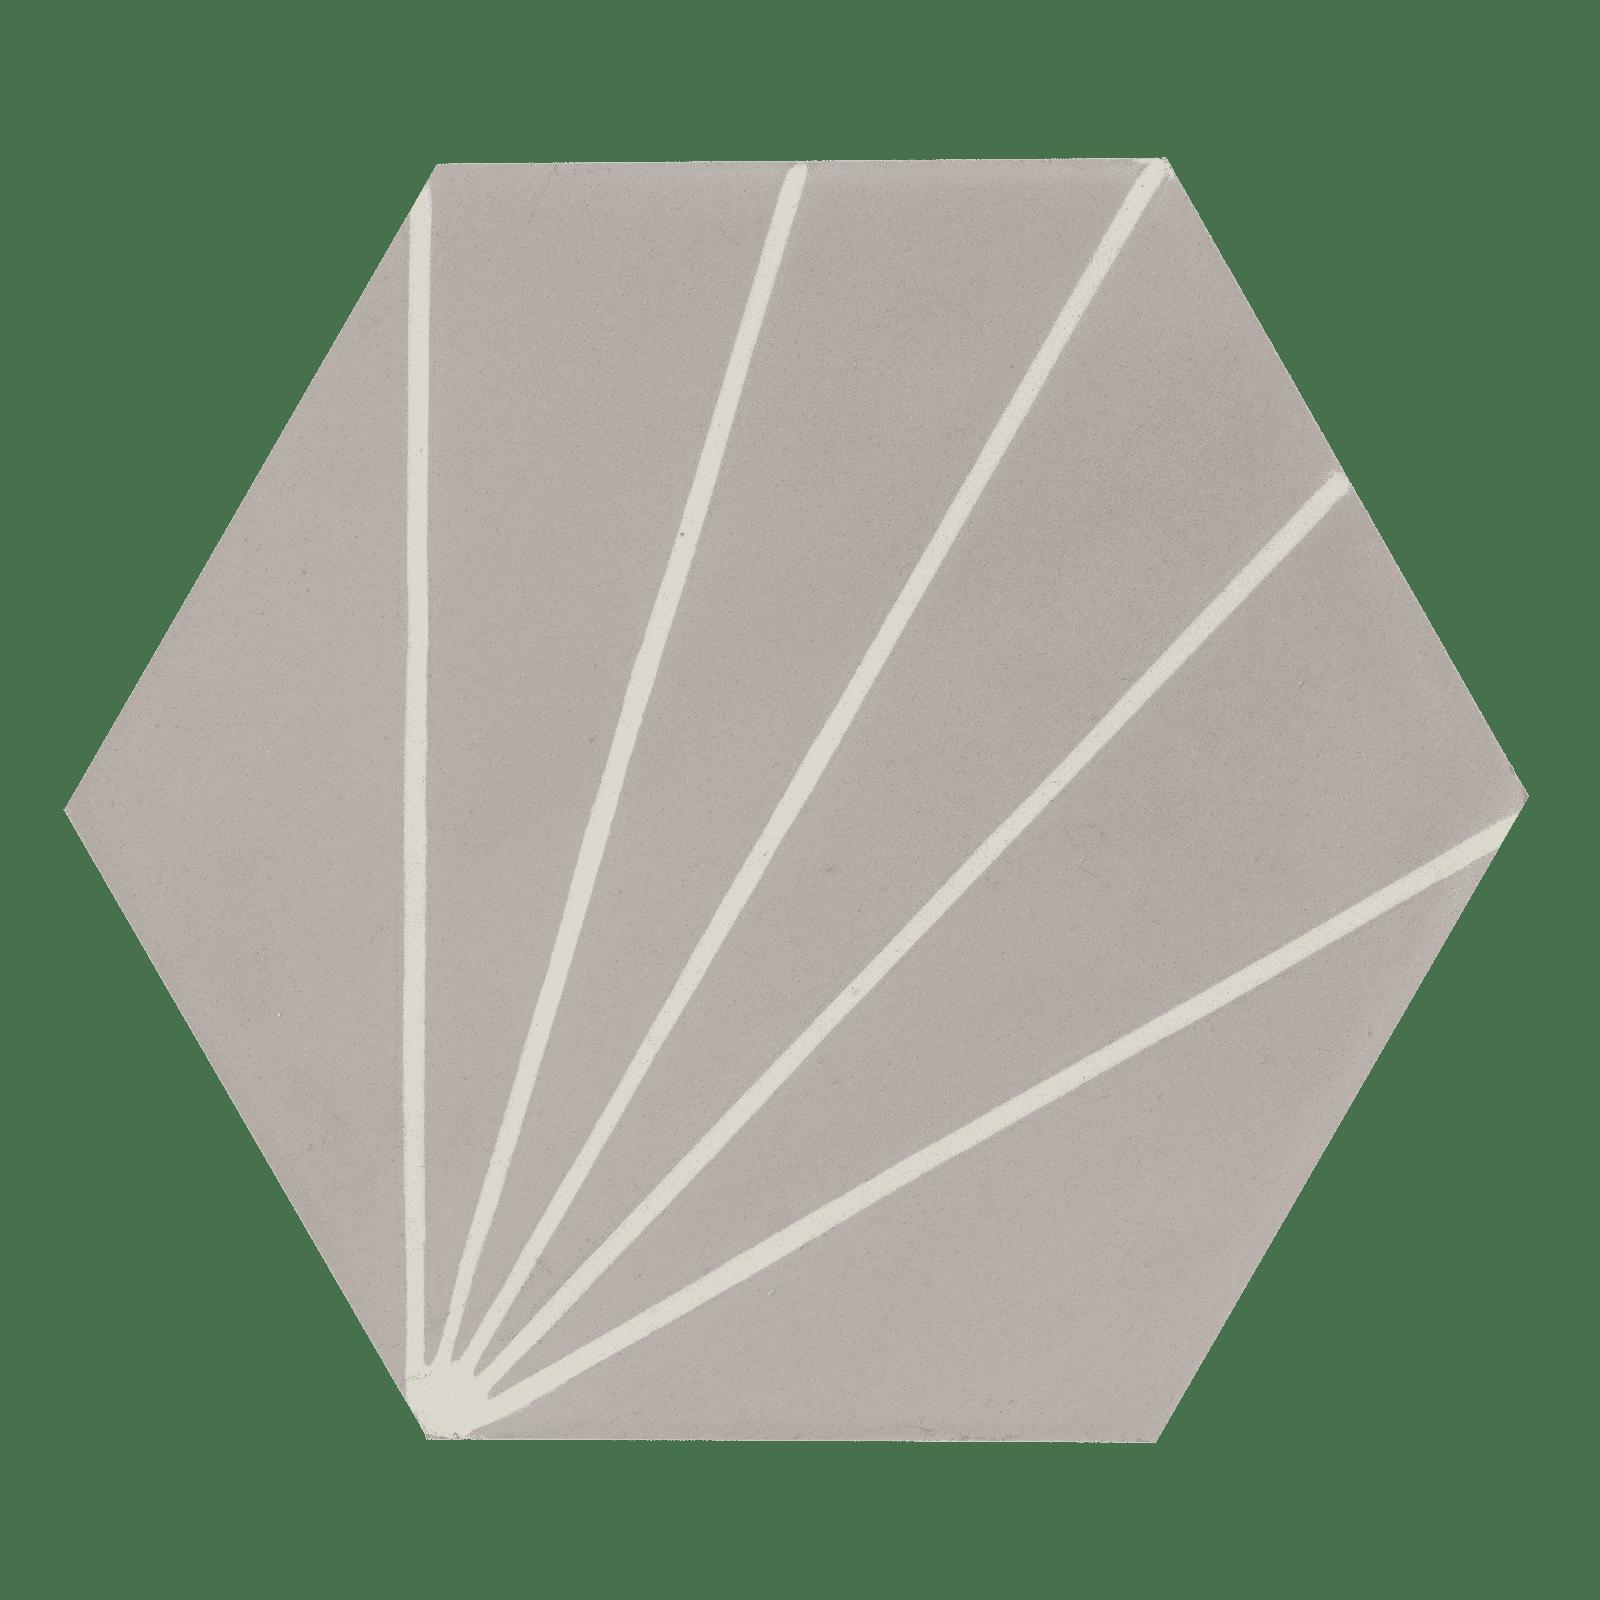 zementmosaikfliesen-nummer-600852-viaplatten | 600852